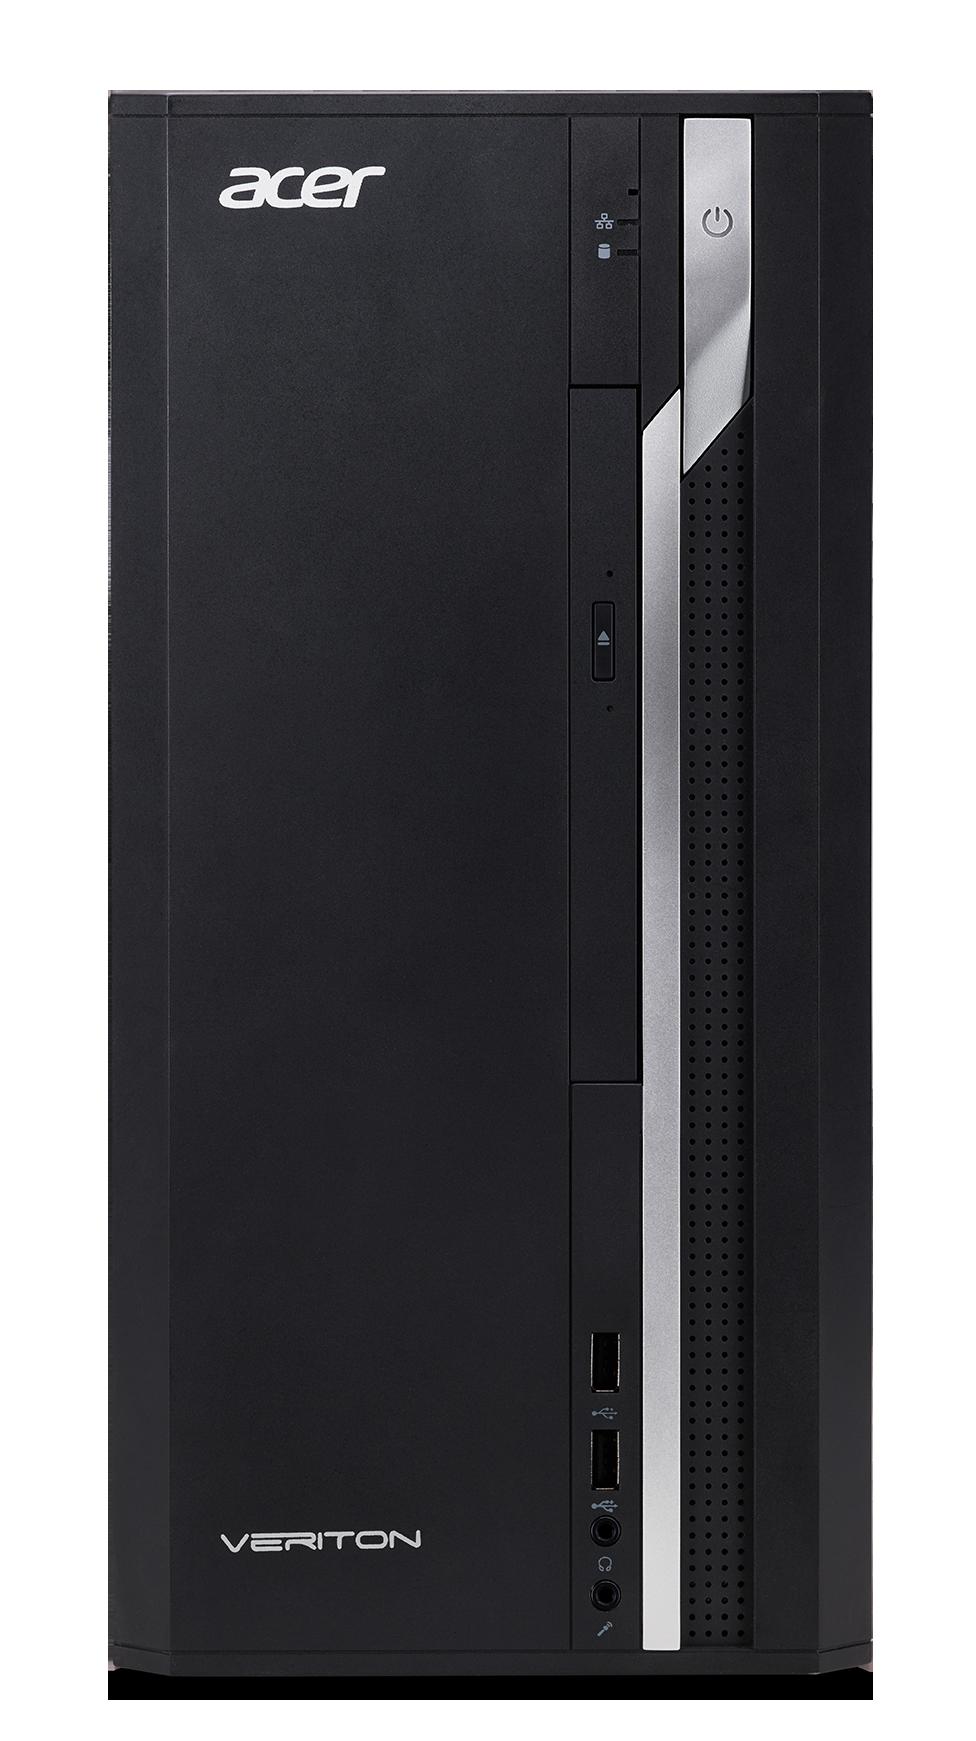 Acer Veriton E (VES2710G) - G3930/4G/1TB/DVD/W10Pro